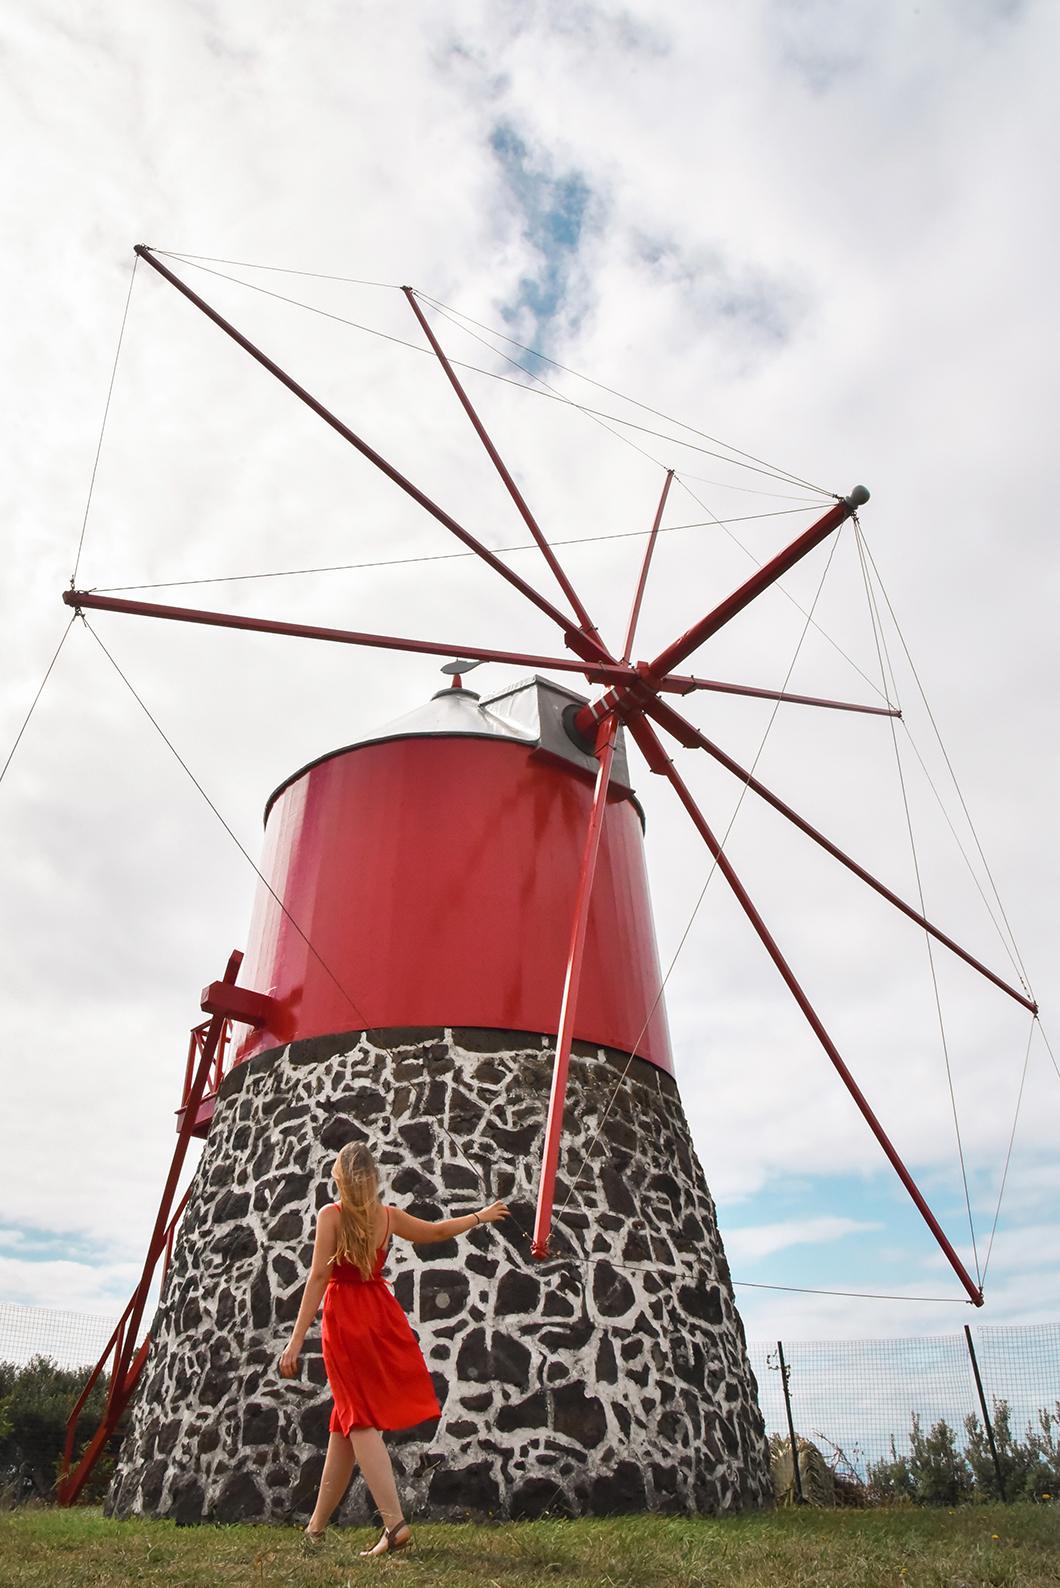 Les moulins de l'île de Faial dans les Açores au Portugal